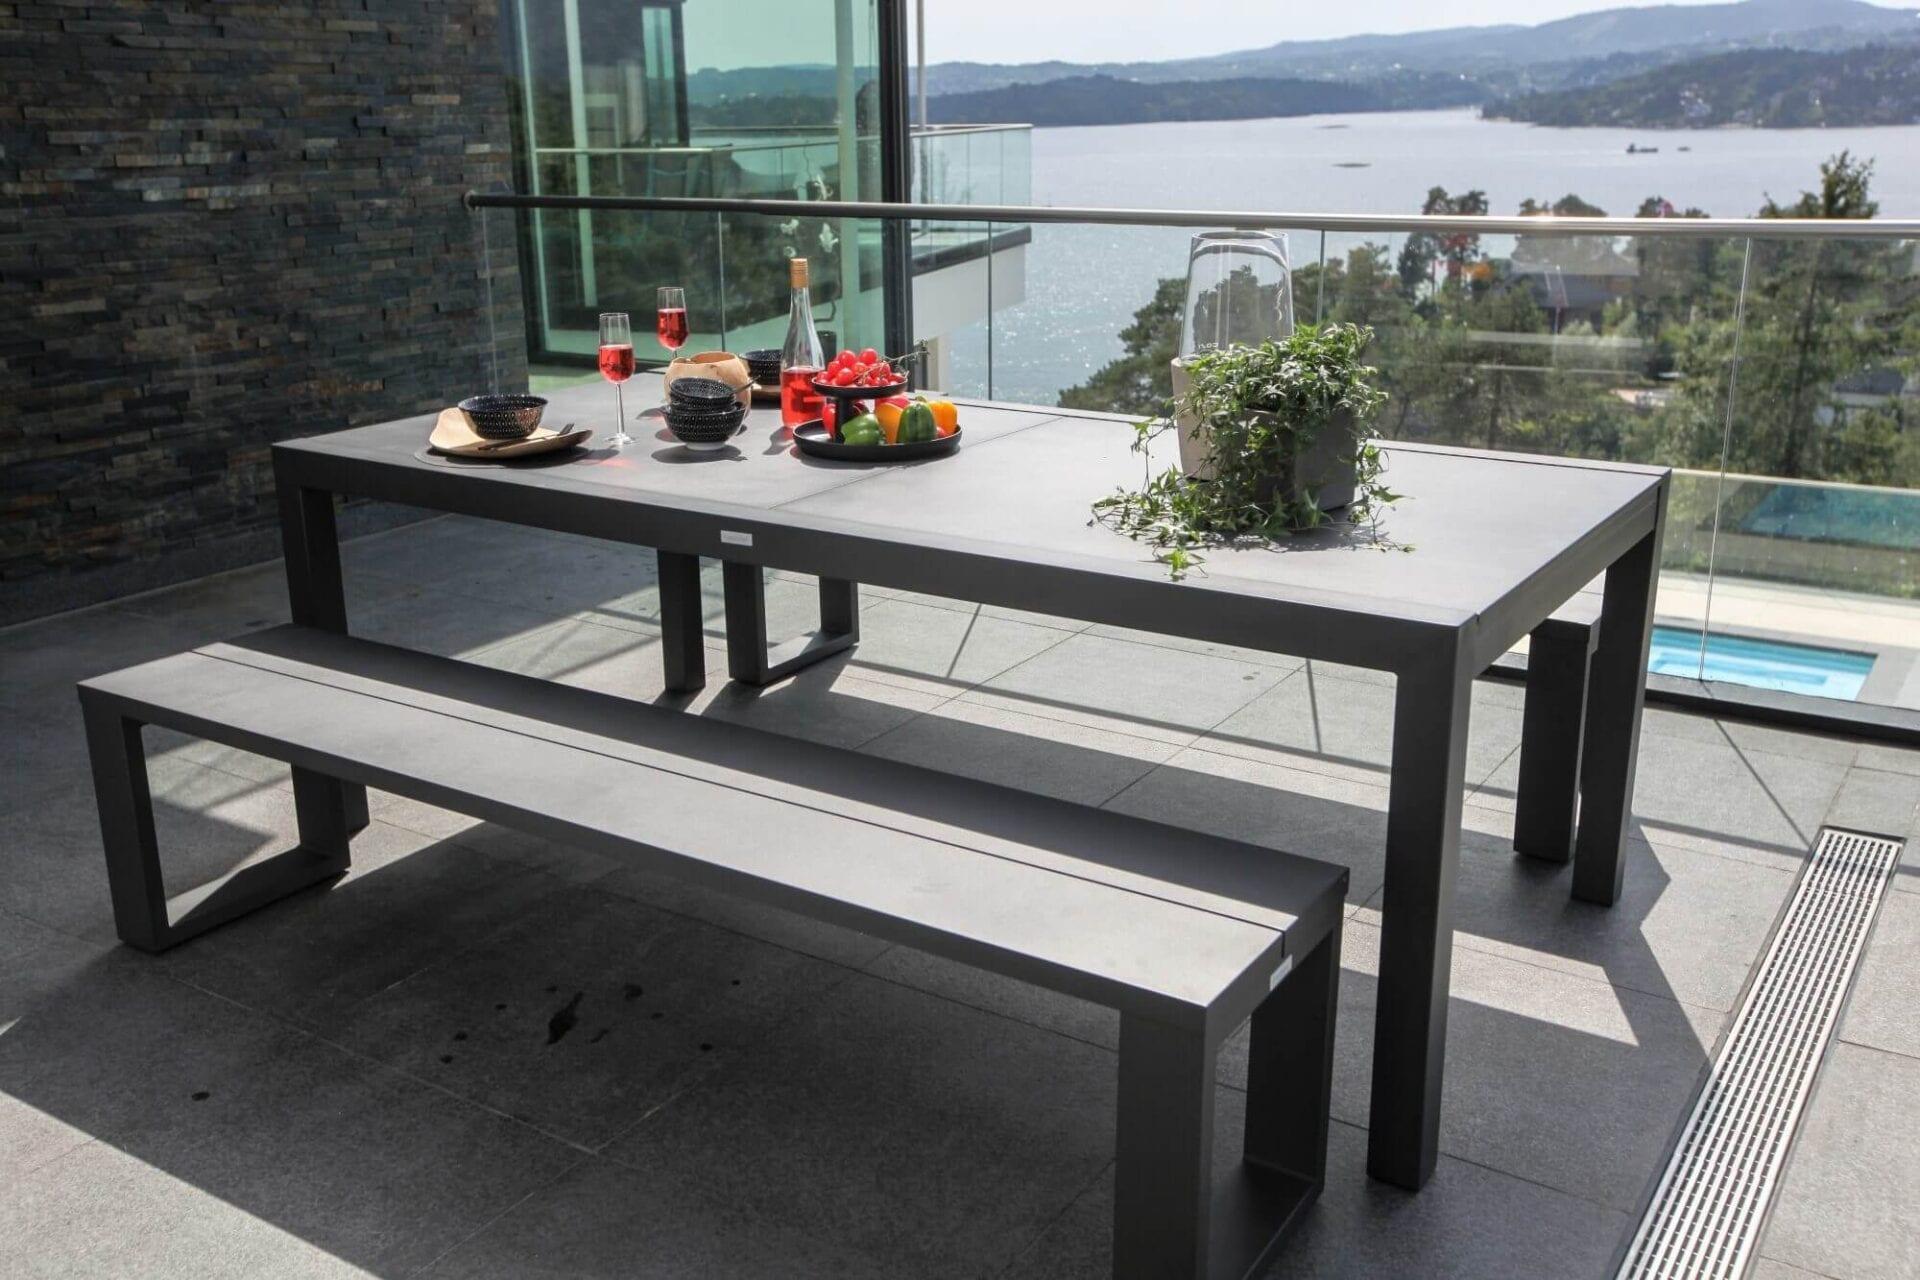 Spisebenker og oppdekket spisebord på balkongen med utsikt mot vann